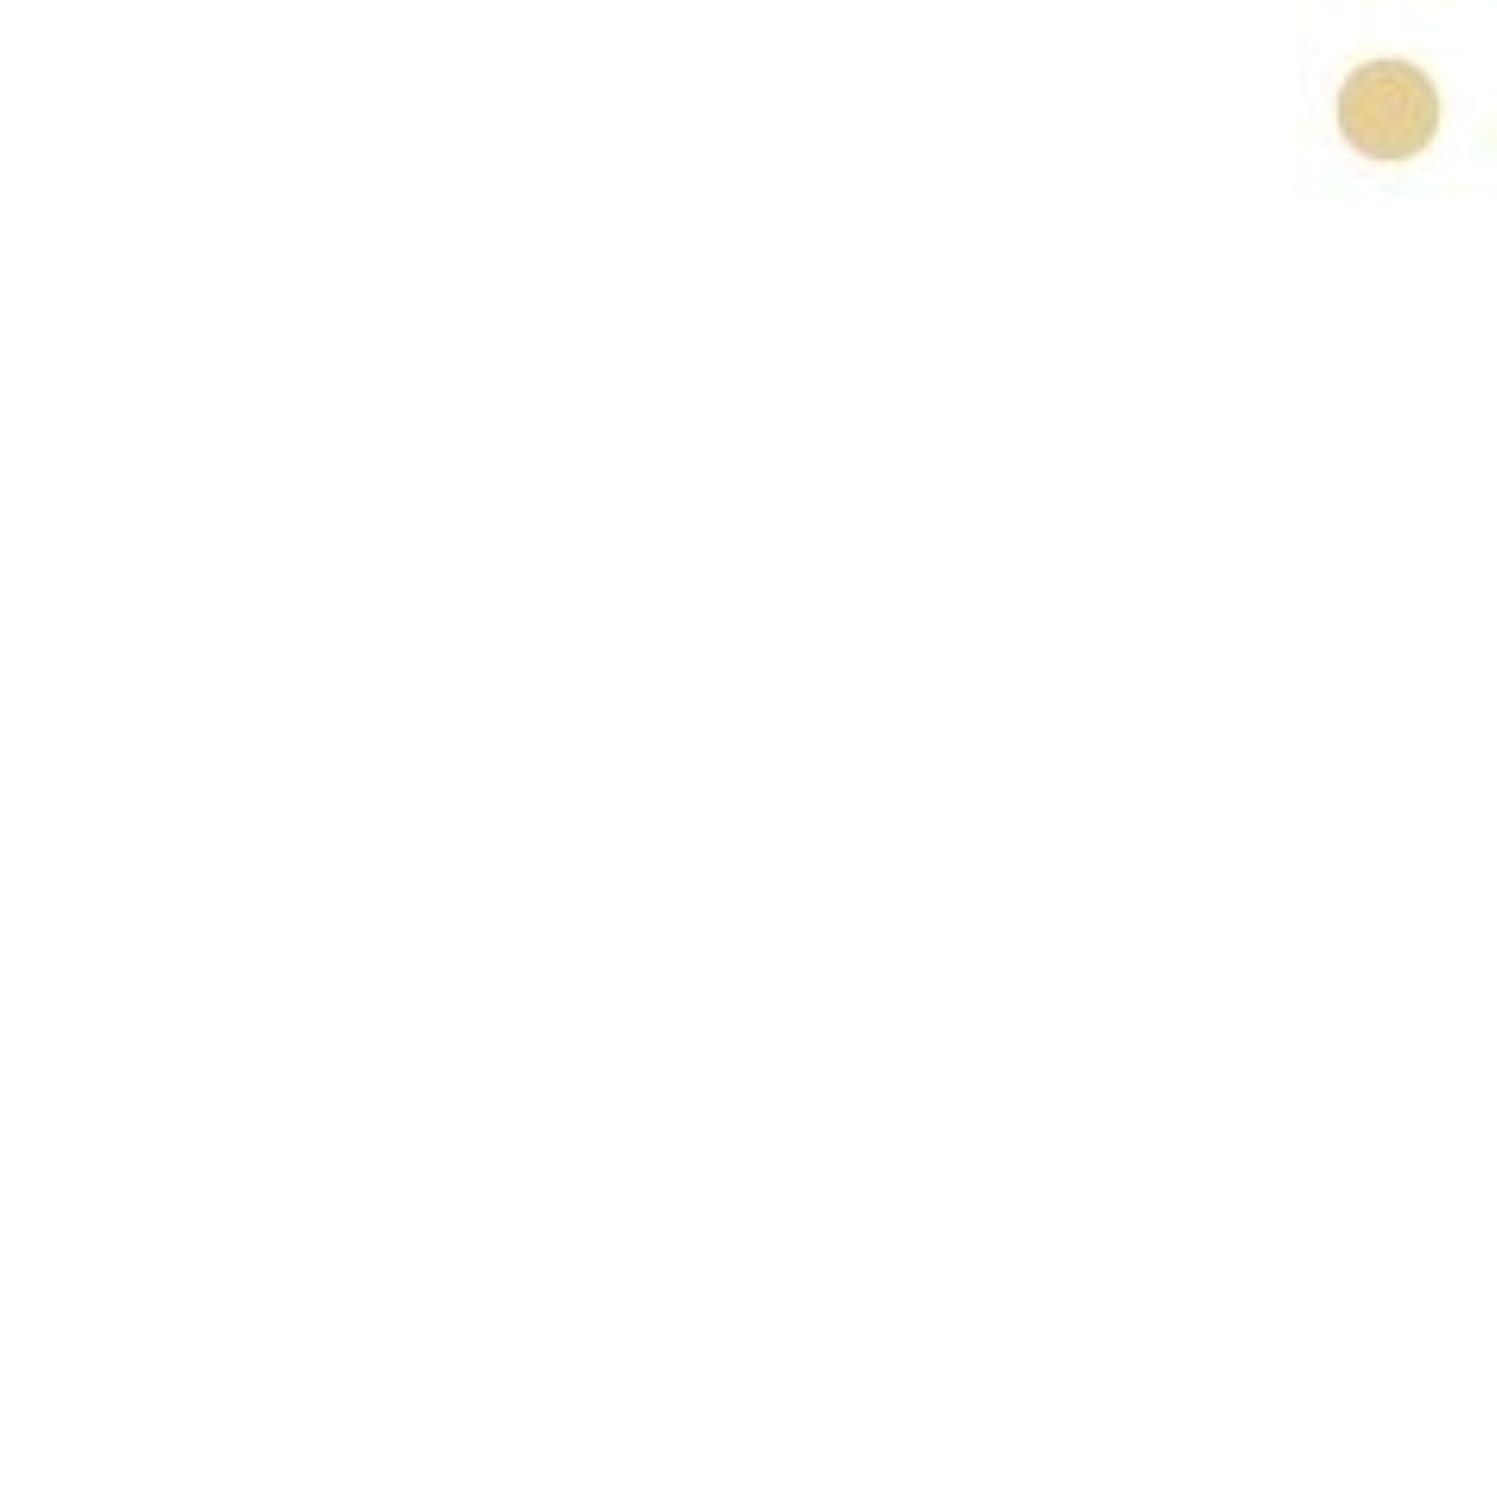 離す資本差し引く【カバーマーク】ジャスミーカラー パウダリーファンデーション #BP20 (レフィル)